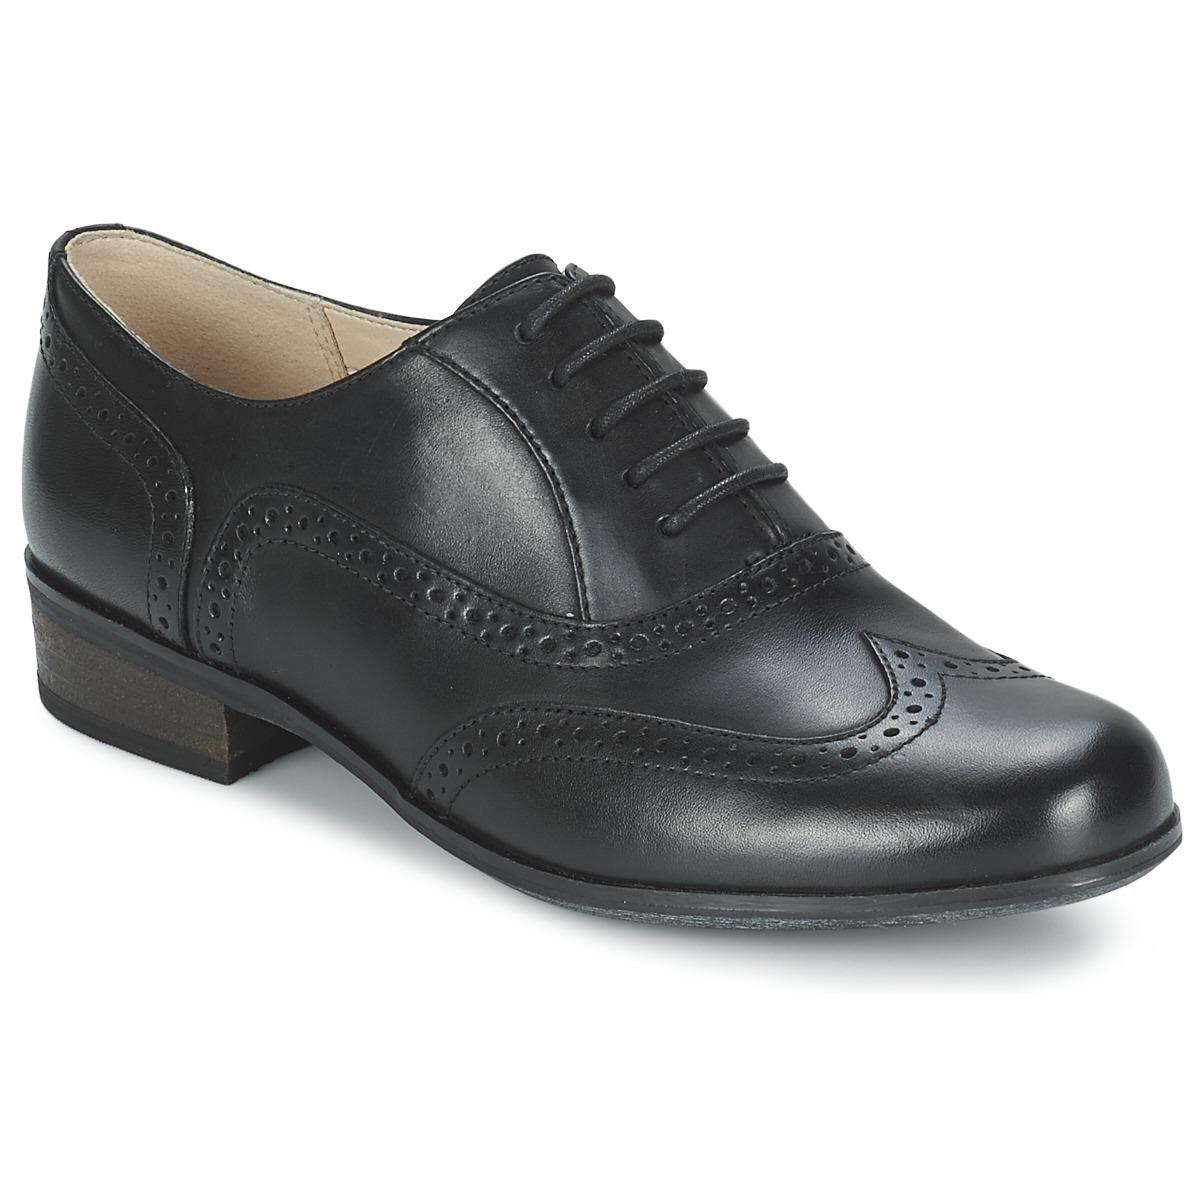 Snerovaci spolecenska obuv Clarks HAMBLE OAK Černá